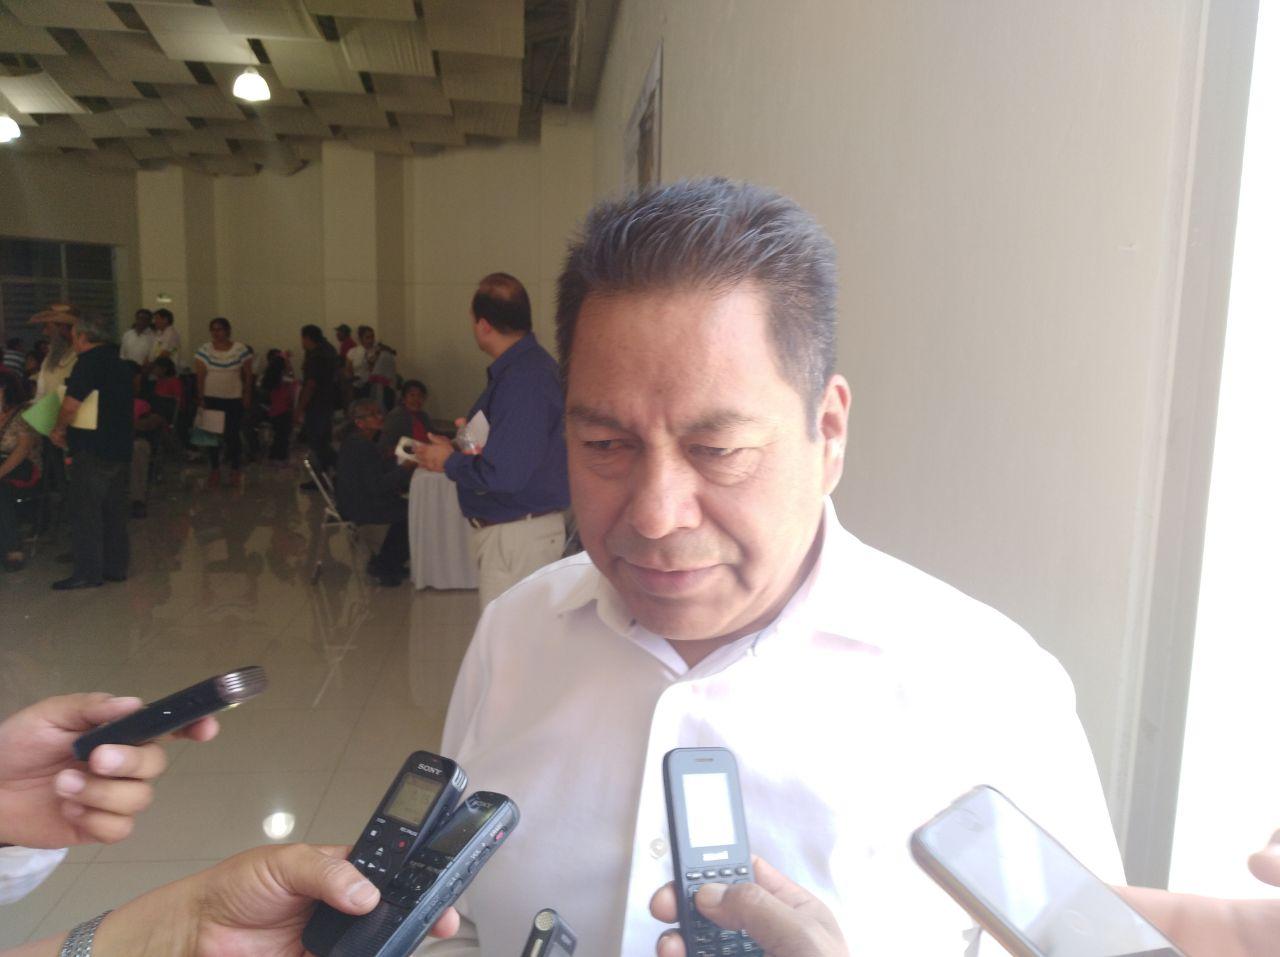 Cutberto Cano buscará solución a límites después del 1 de julio